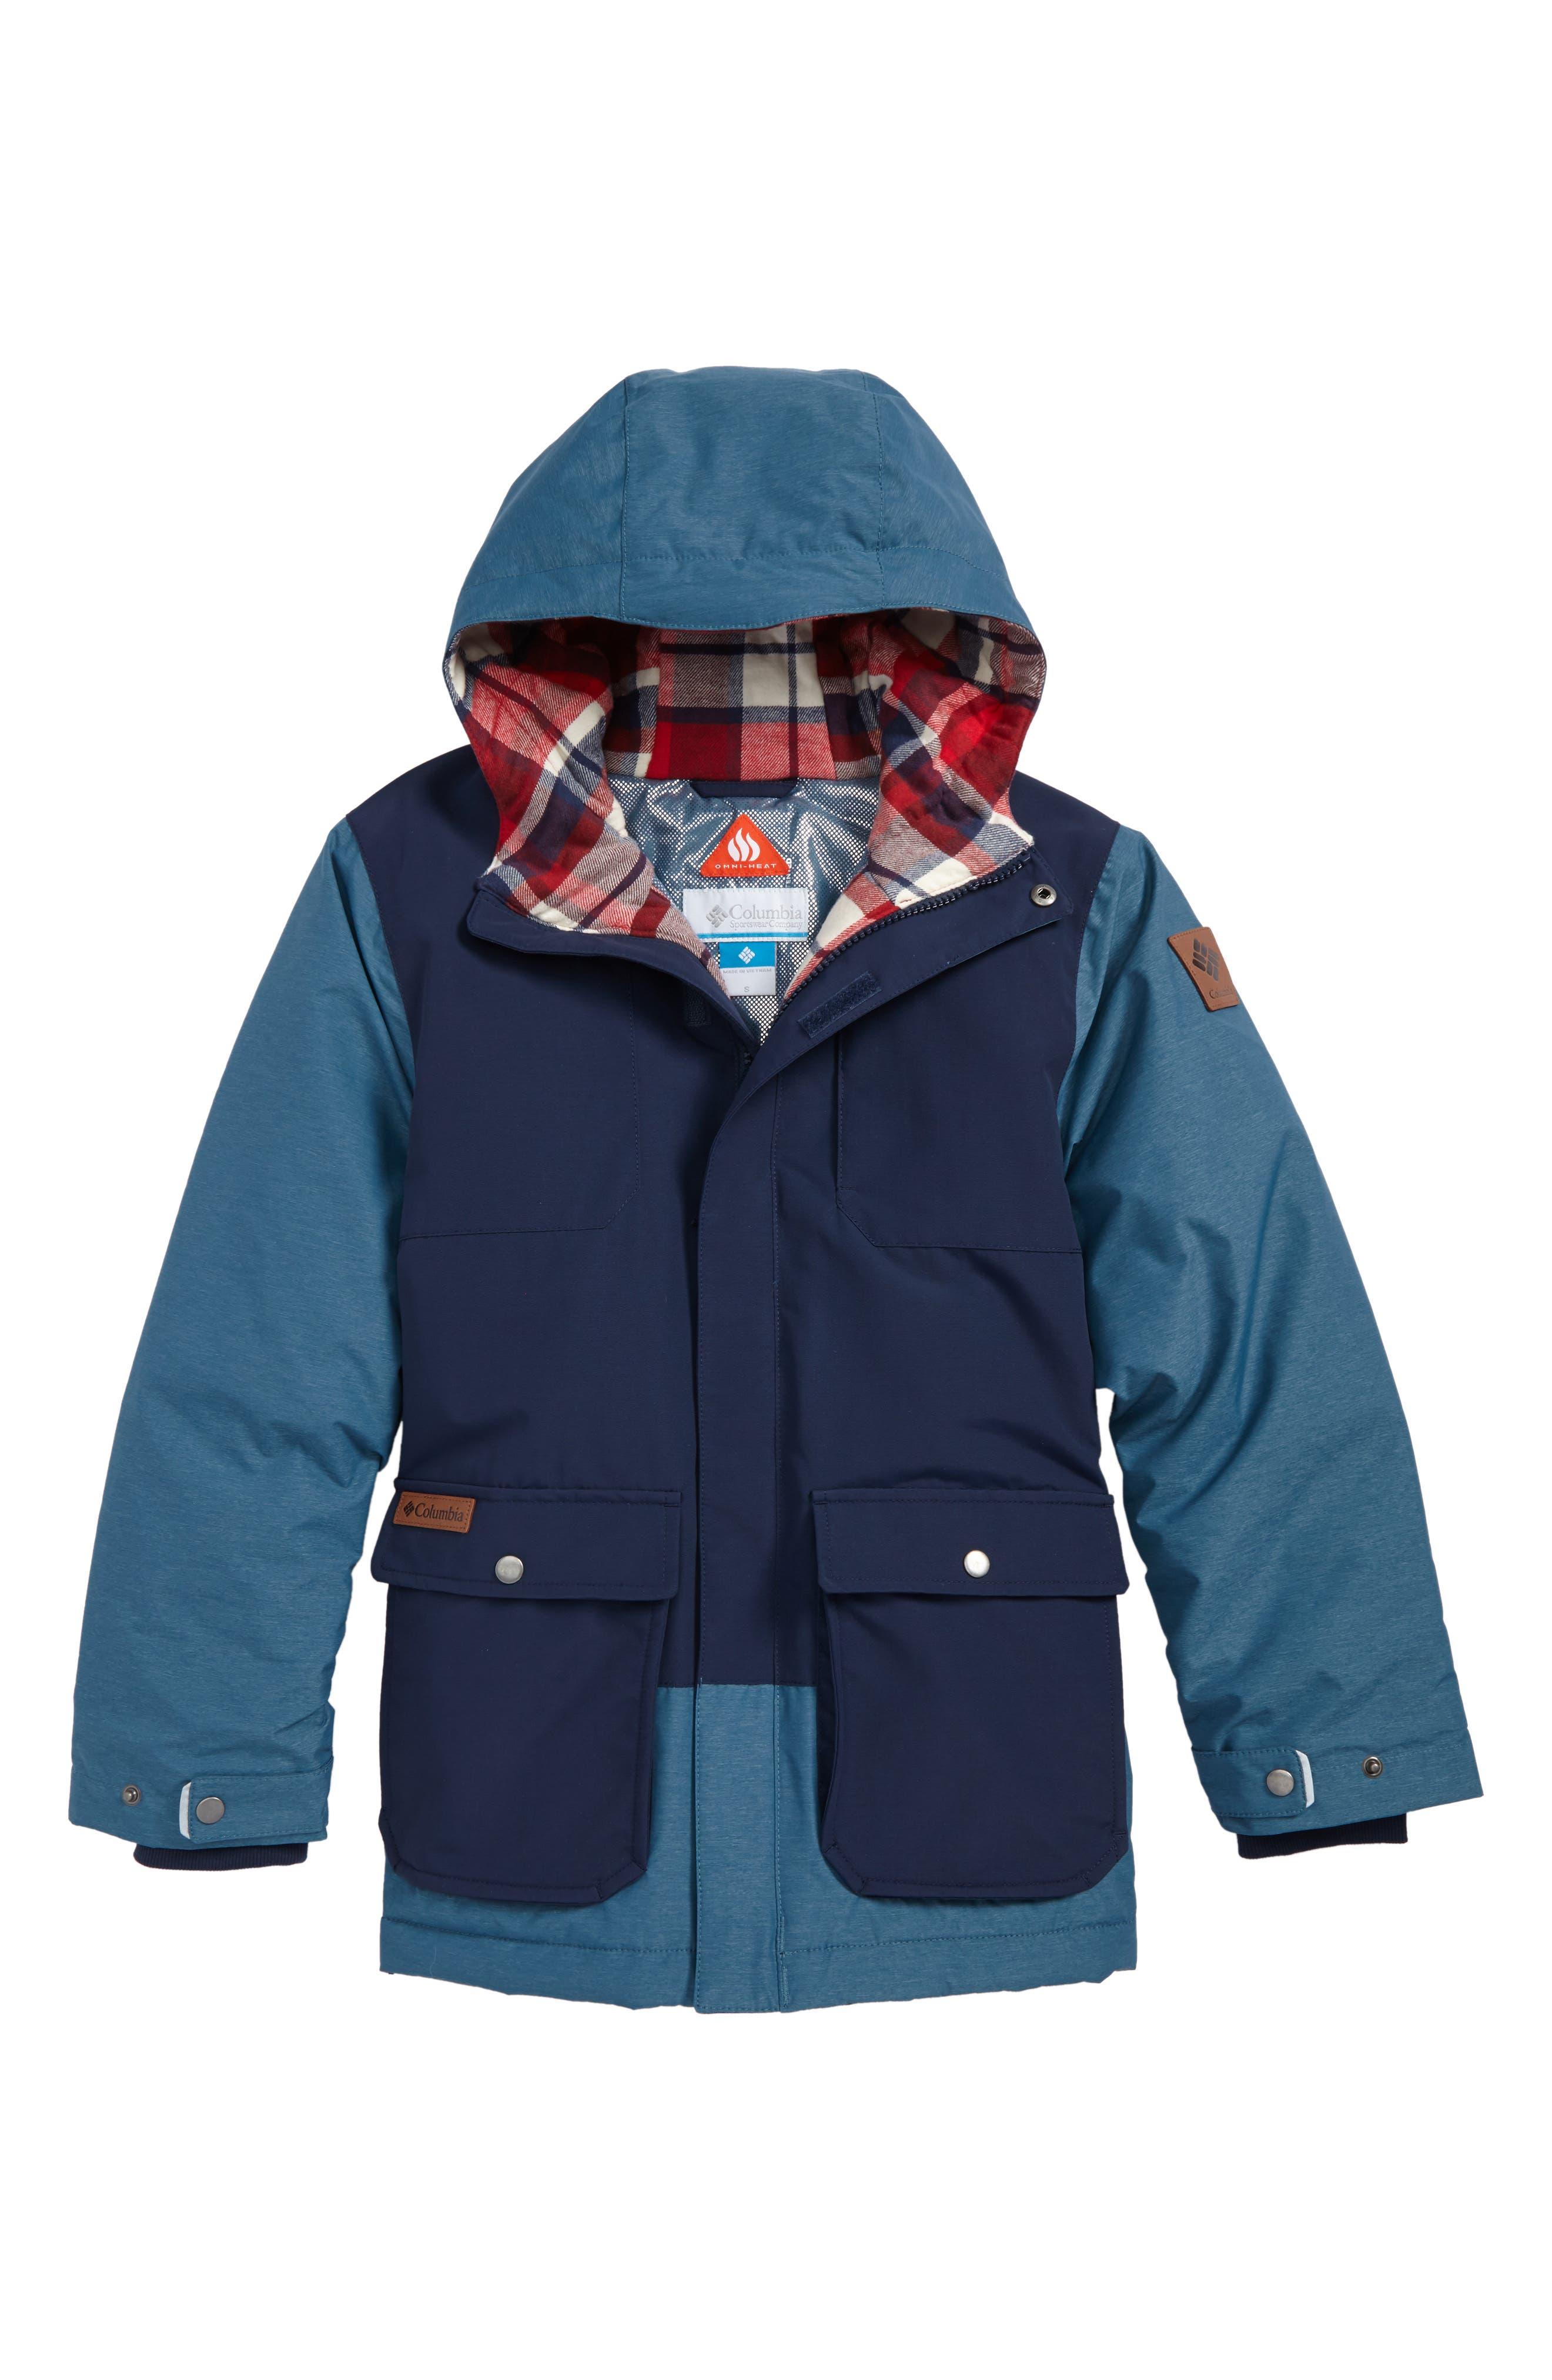 Lost Brook Water Resistant Omni Heat Jacket,                         Main,                         color, Collegiate Navy Blue Heron